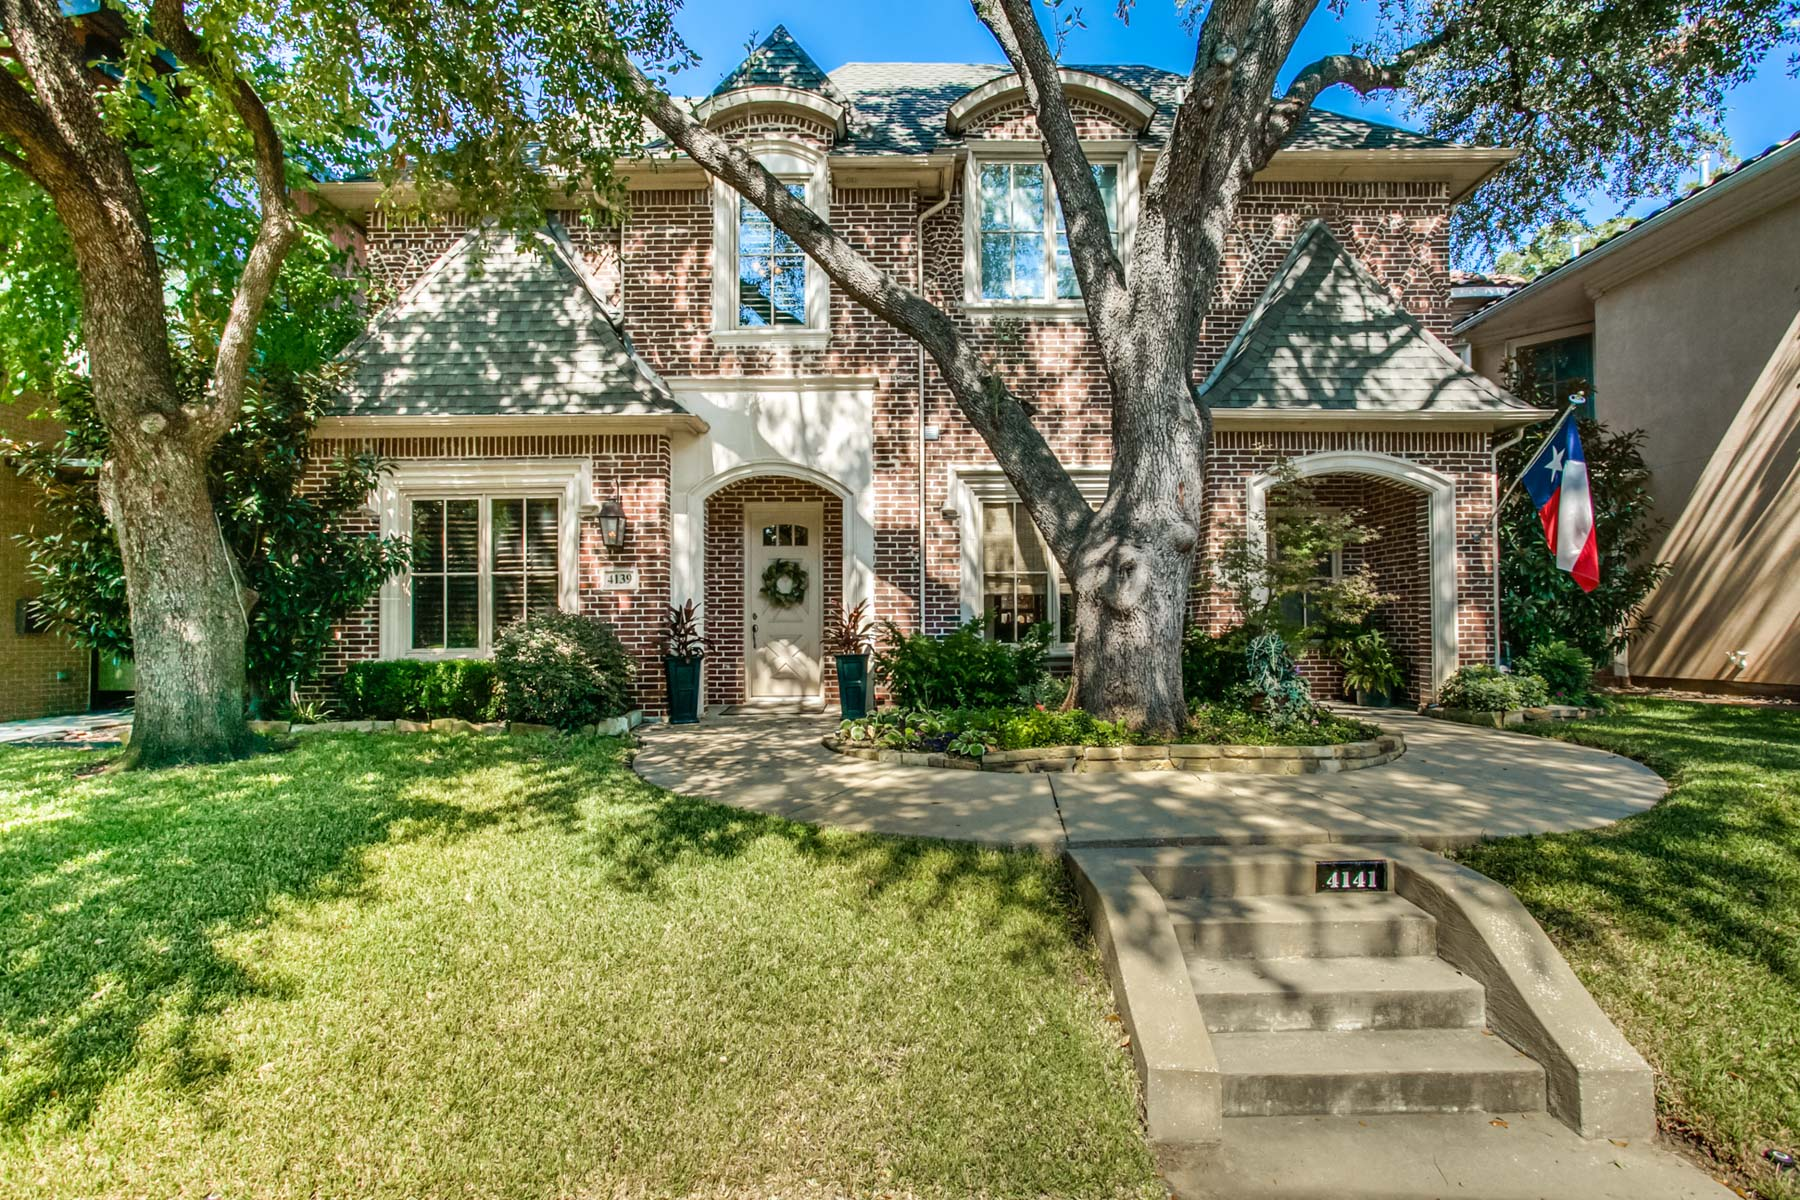 Частный односемейный дом для того Продажа на 4139 Herschel Avenue, Dallas Dallas, Техас, 75219 Соединенные Штаты